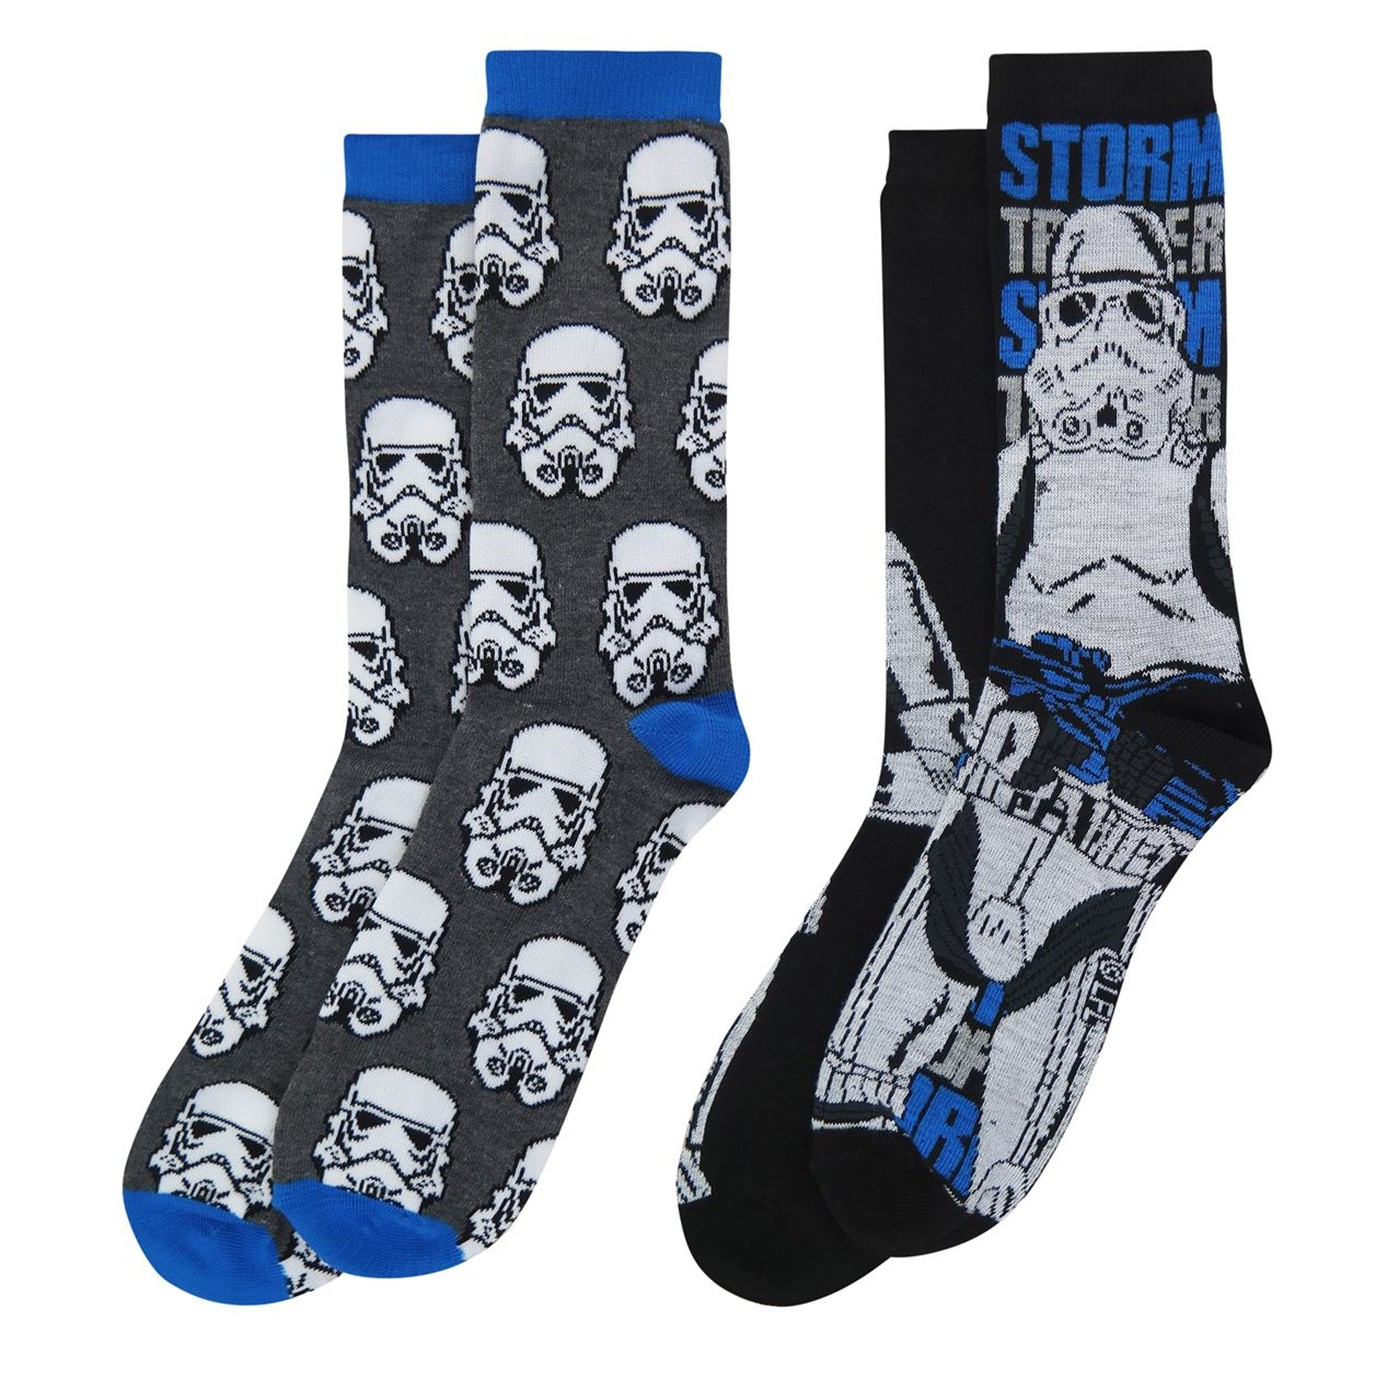 Star Wars Stormtroopers Crew Socks 2-Pack